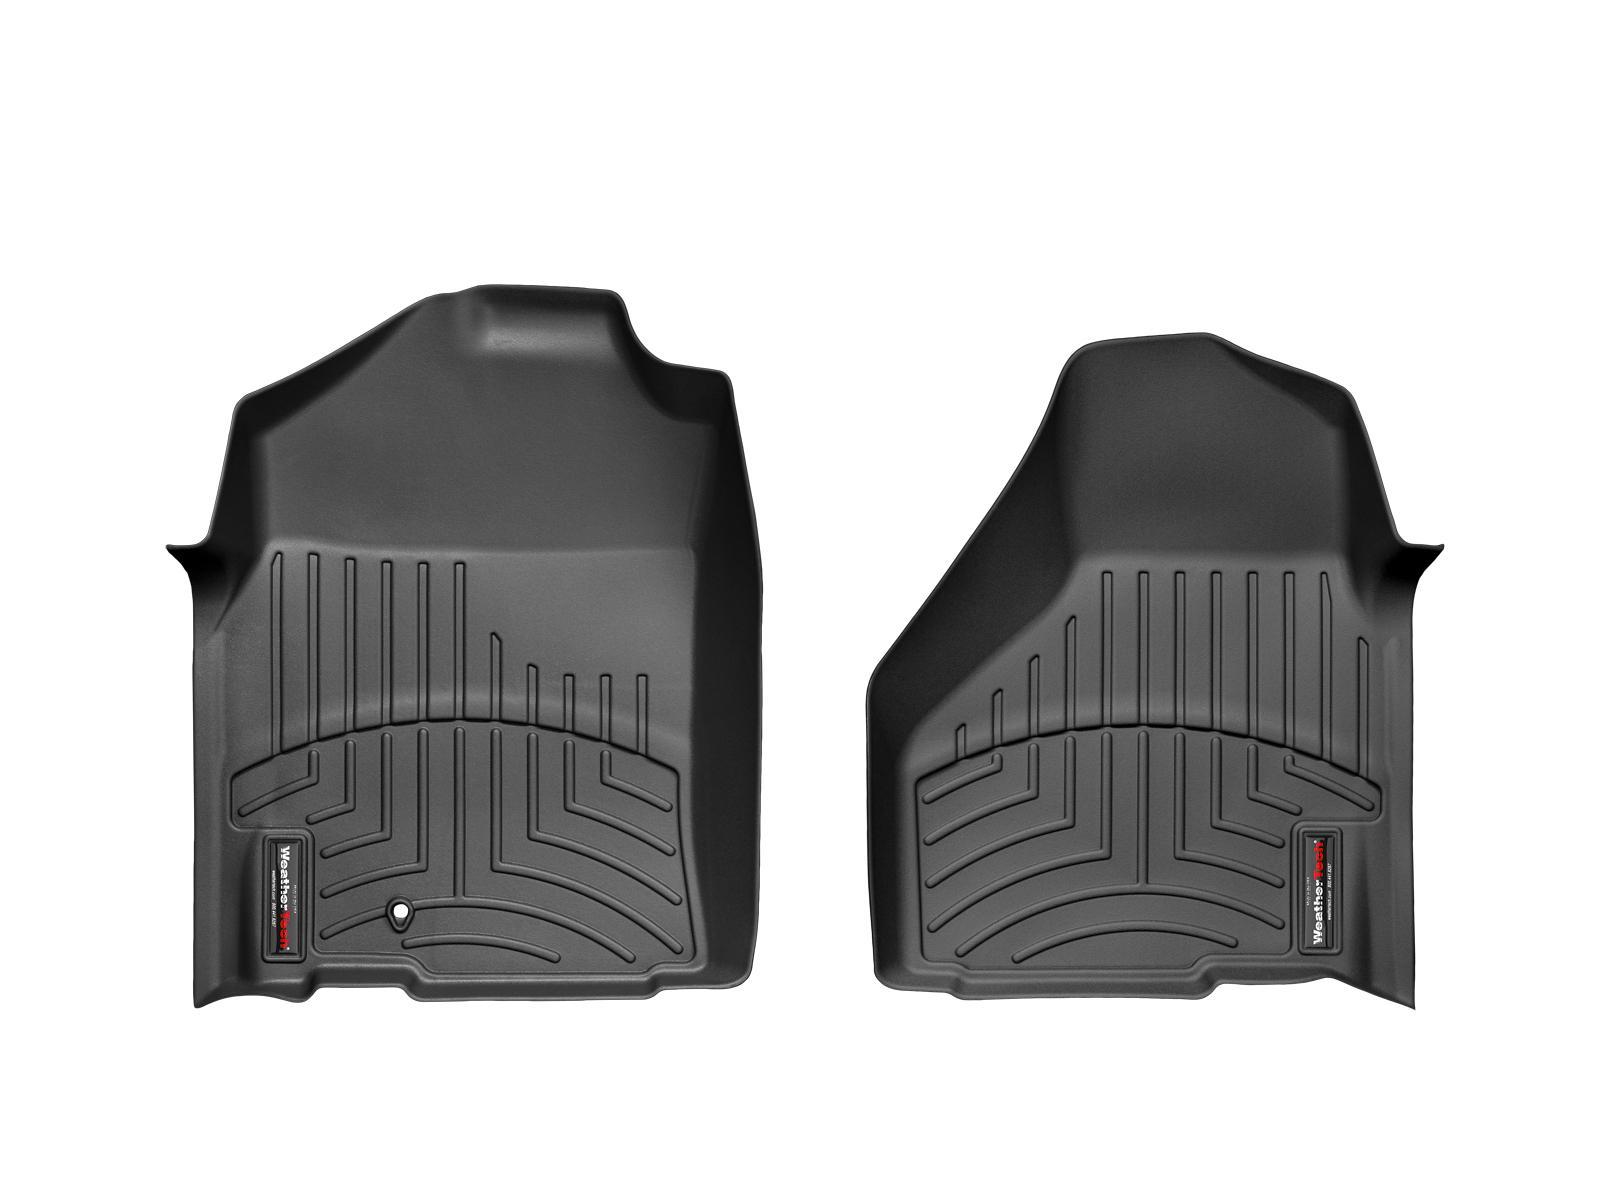 Tappeti gomma su misura bordo alto RAM Ram 2500/3500 10>11 Nero A3205